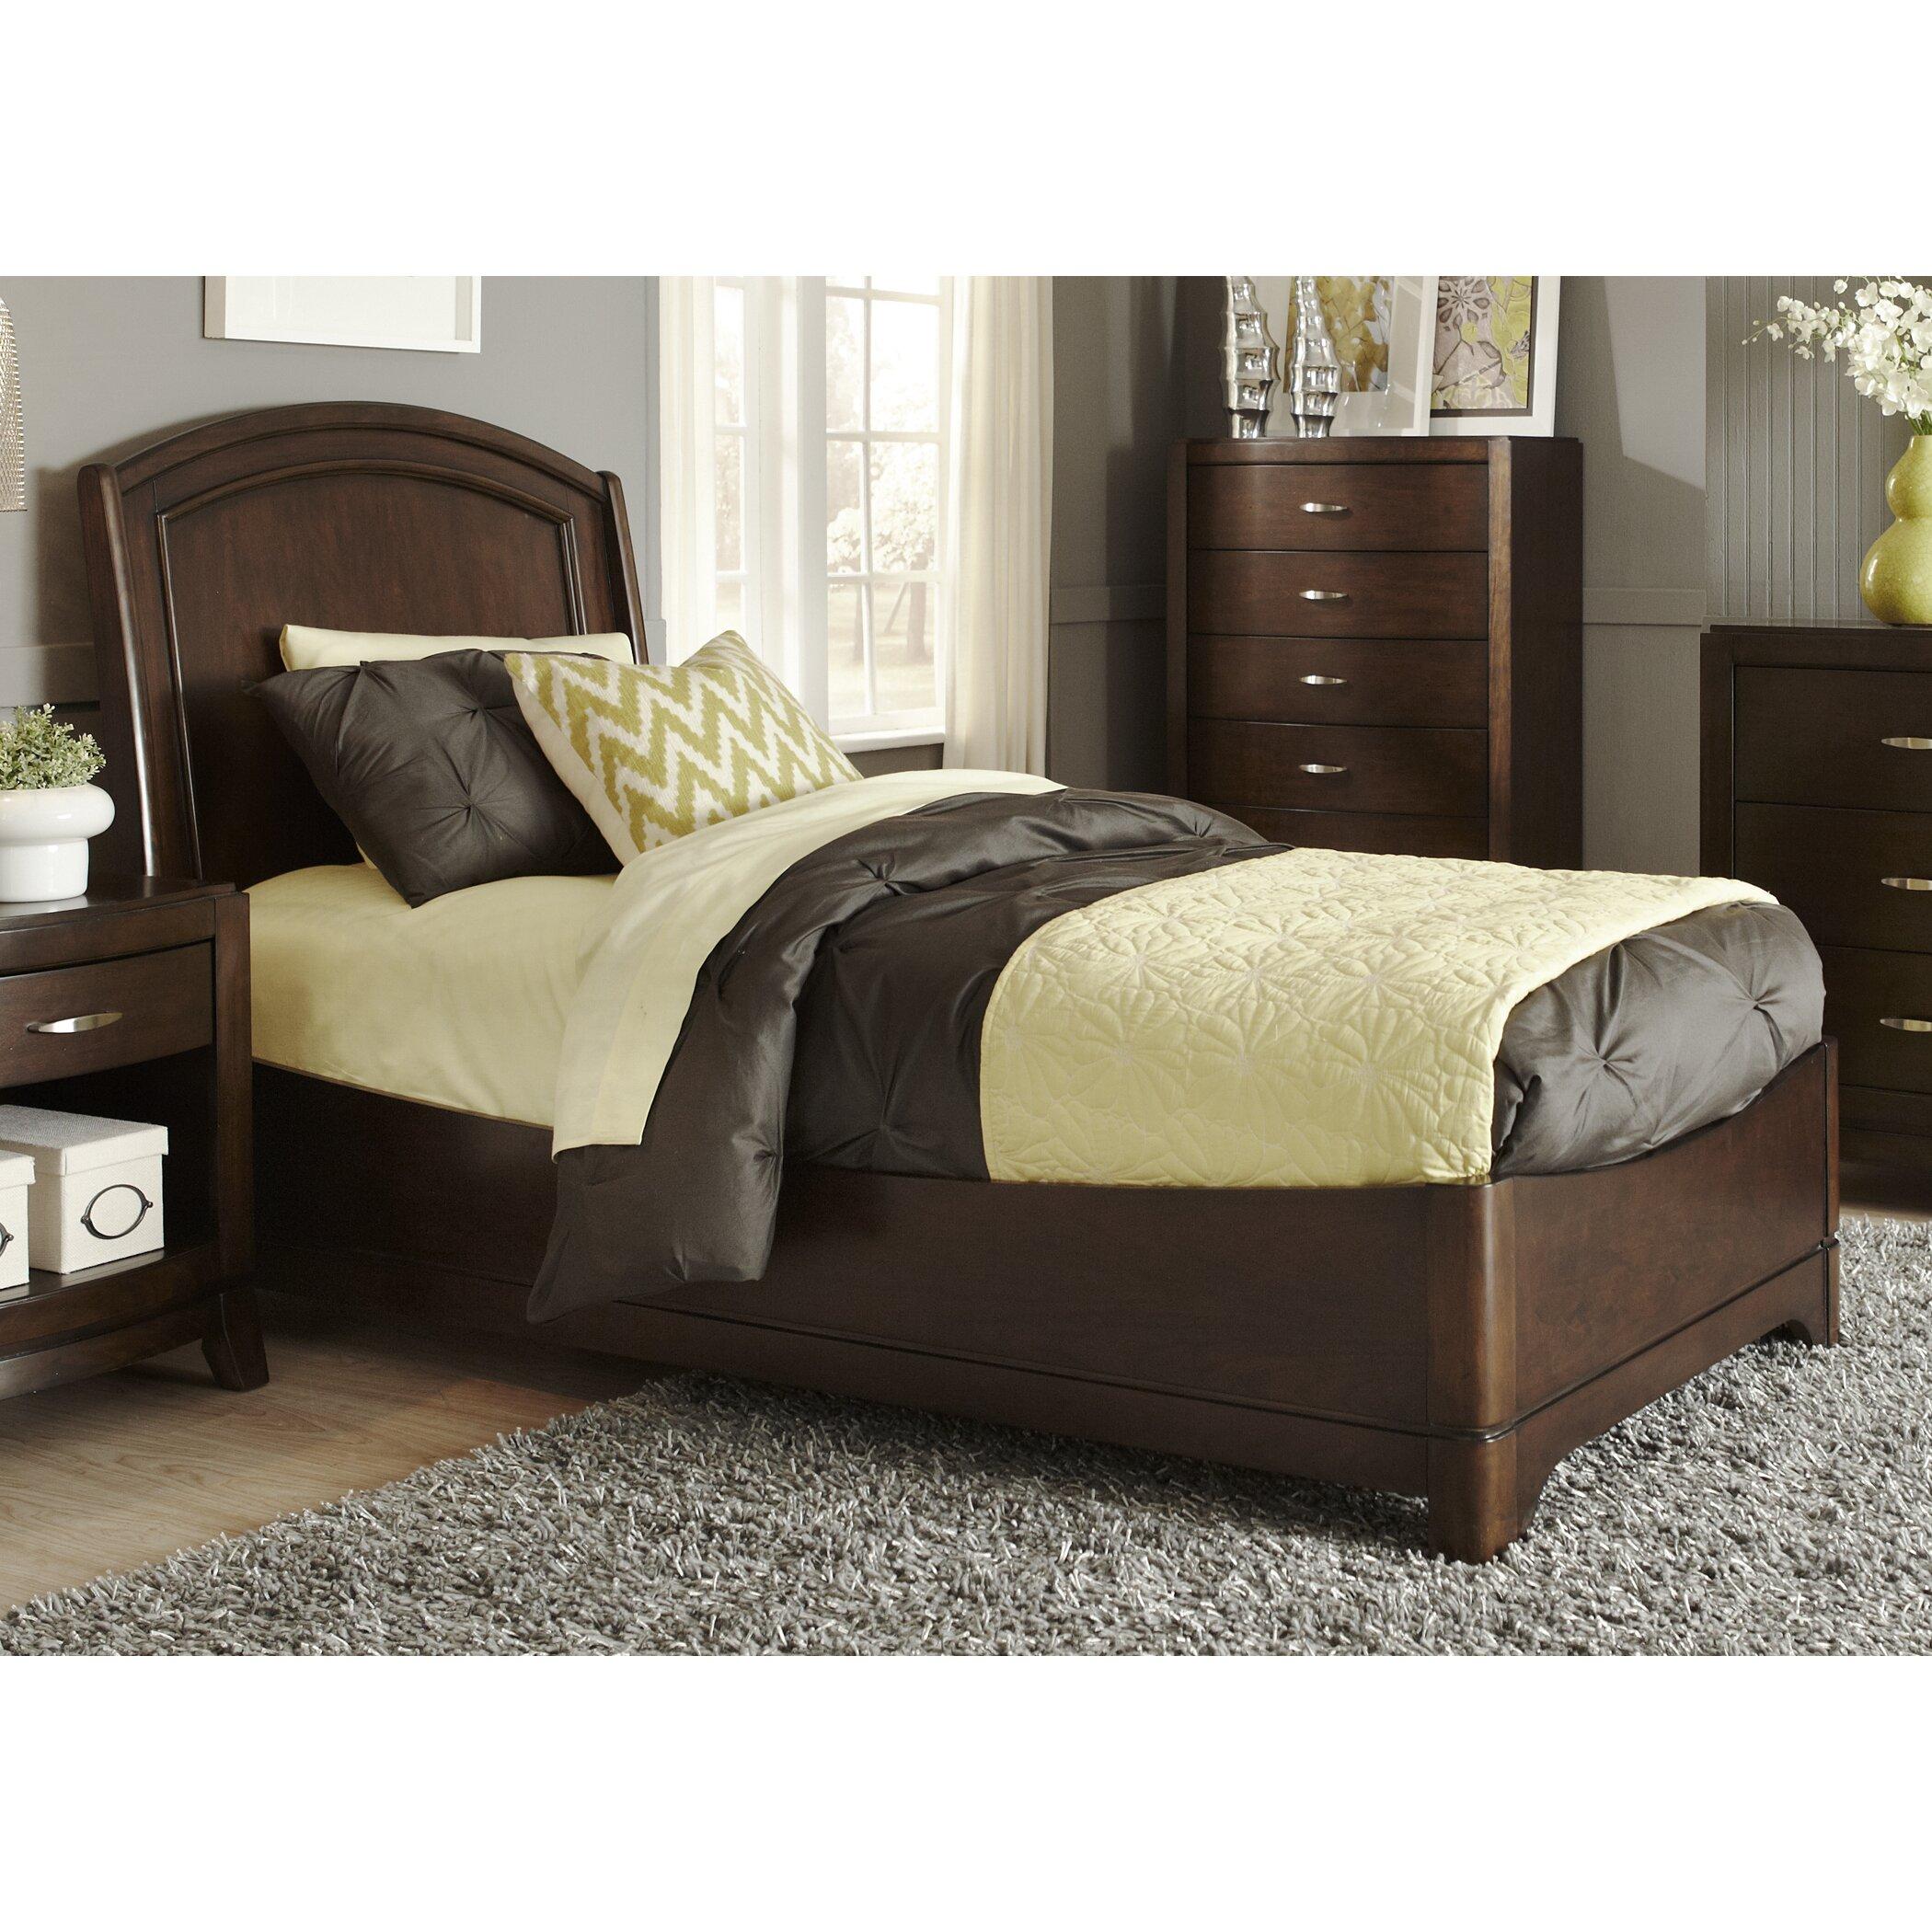 Liberty Furniture Platform Customizable Bedroom Set Reviews Wayfair